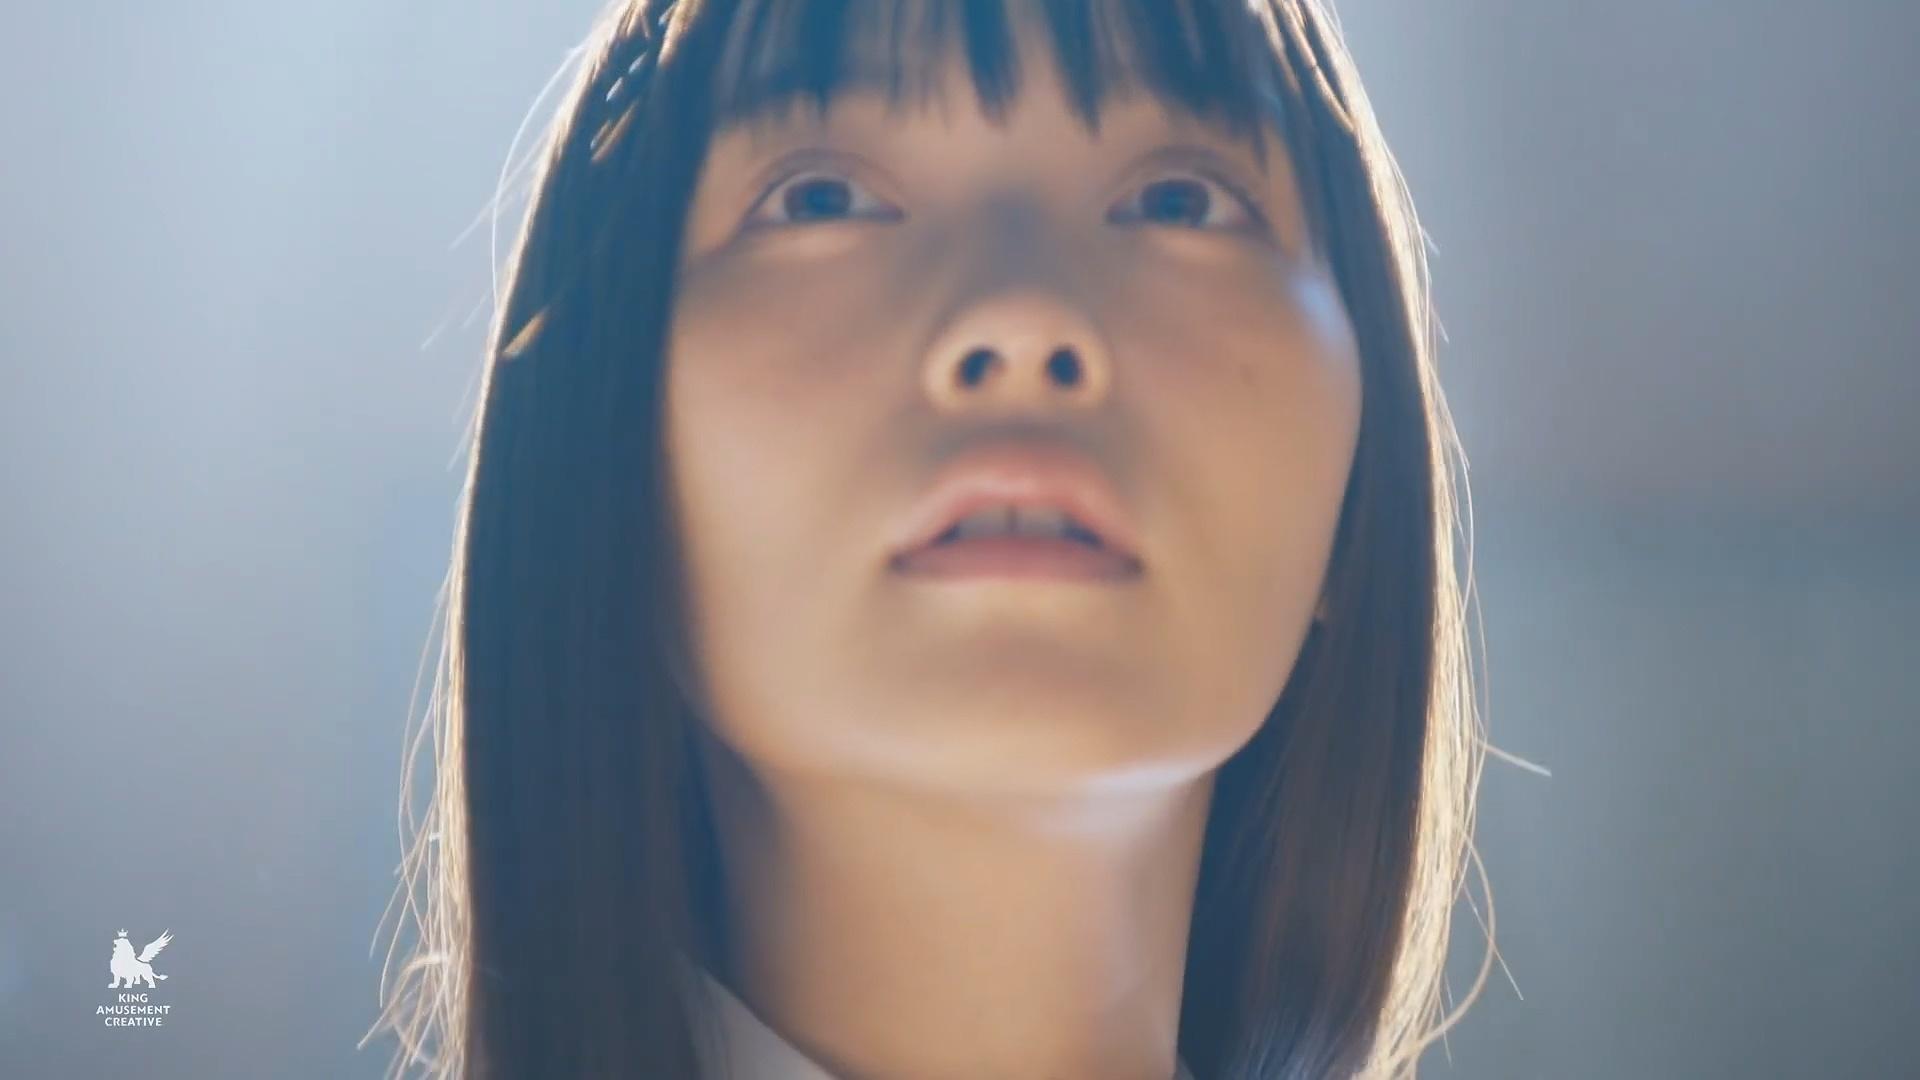 上坂すみれ「EASY LOVE」Music Video.mp4_000051.878